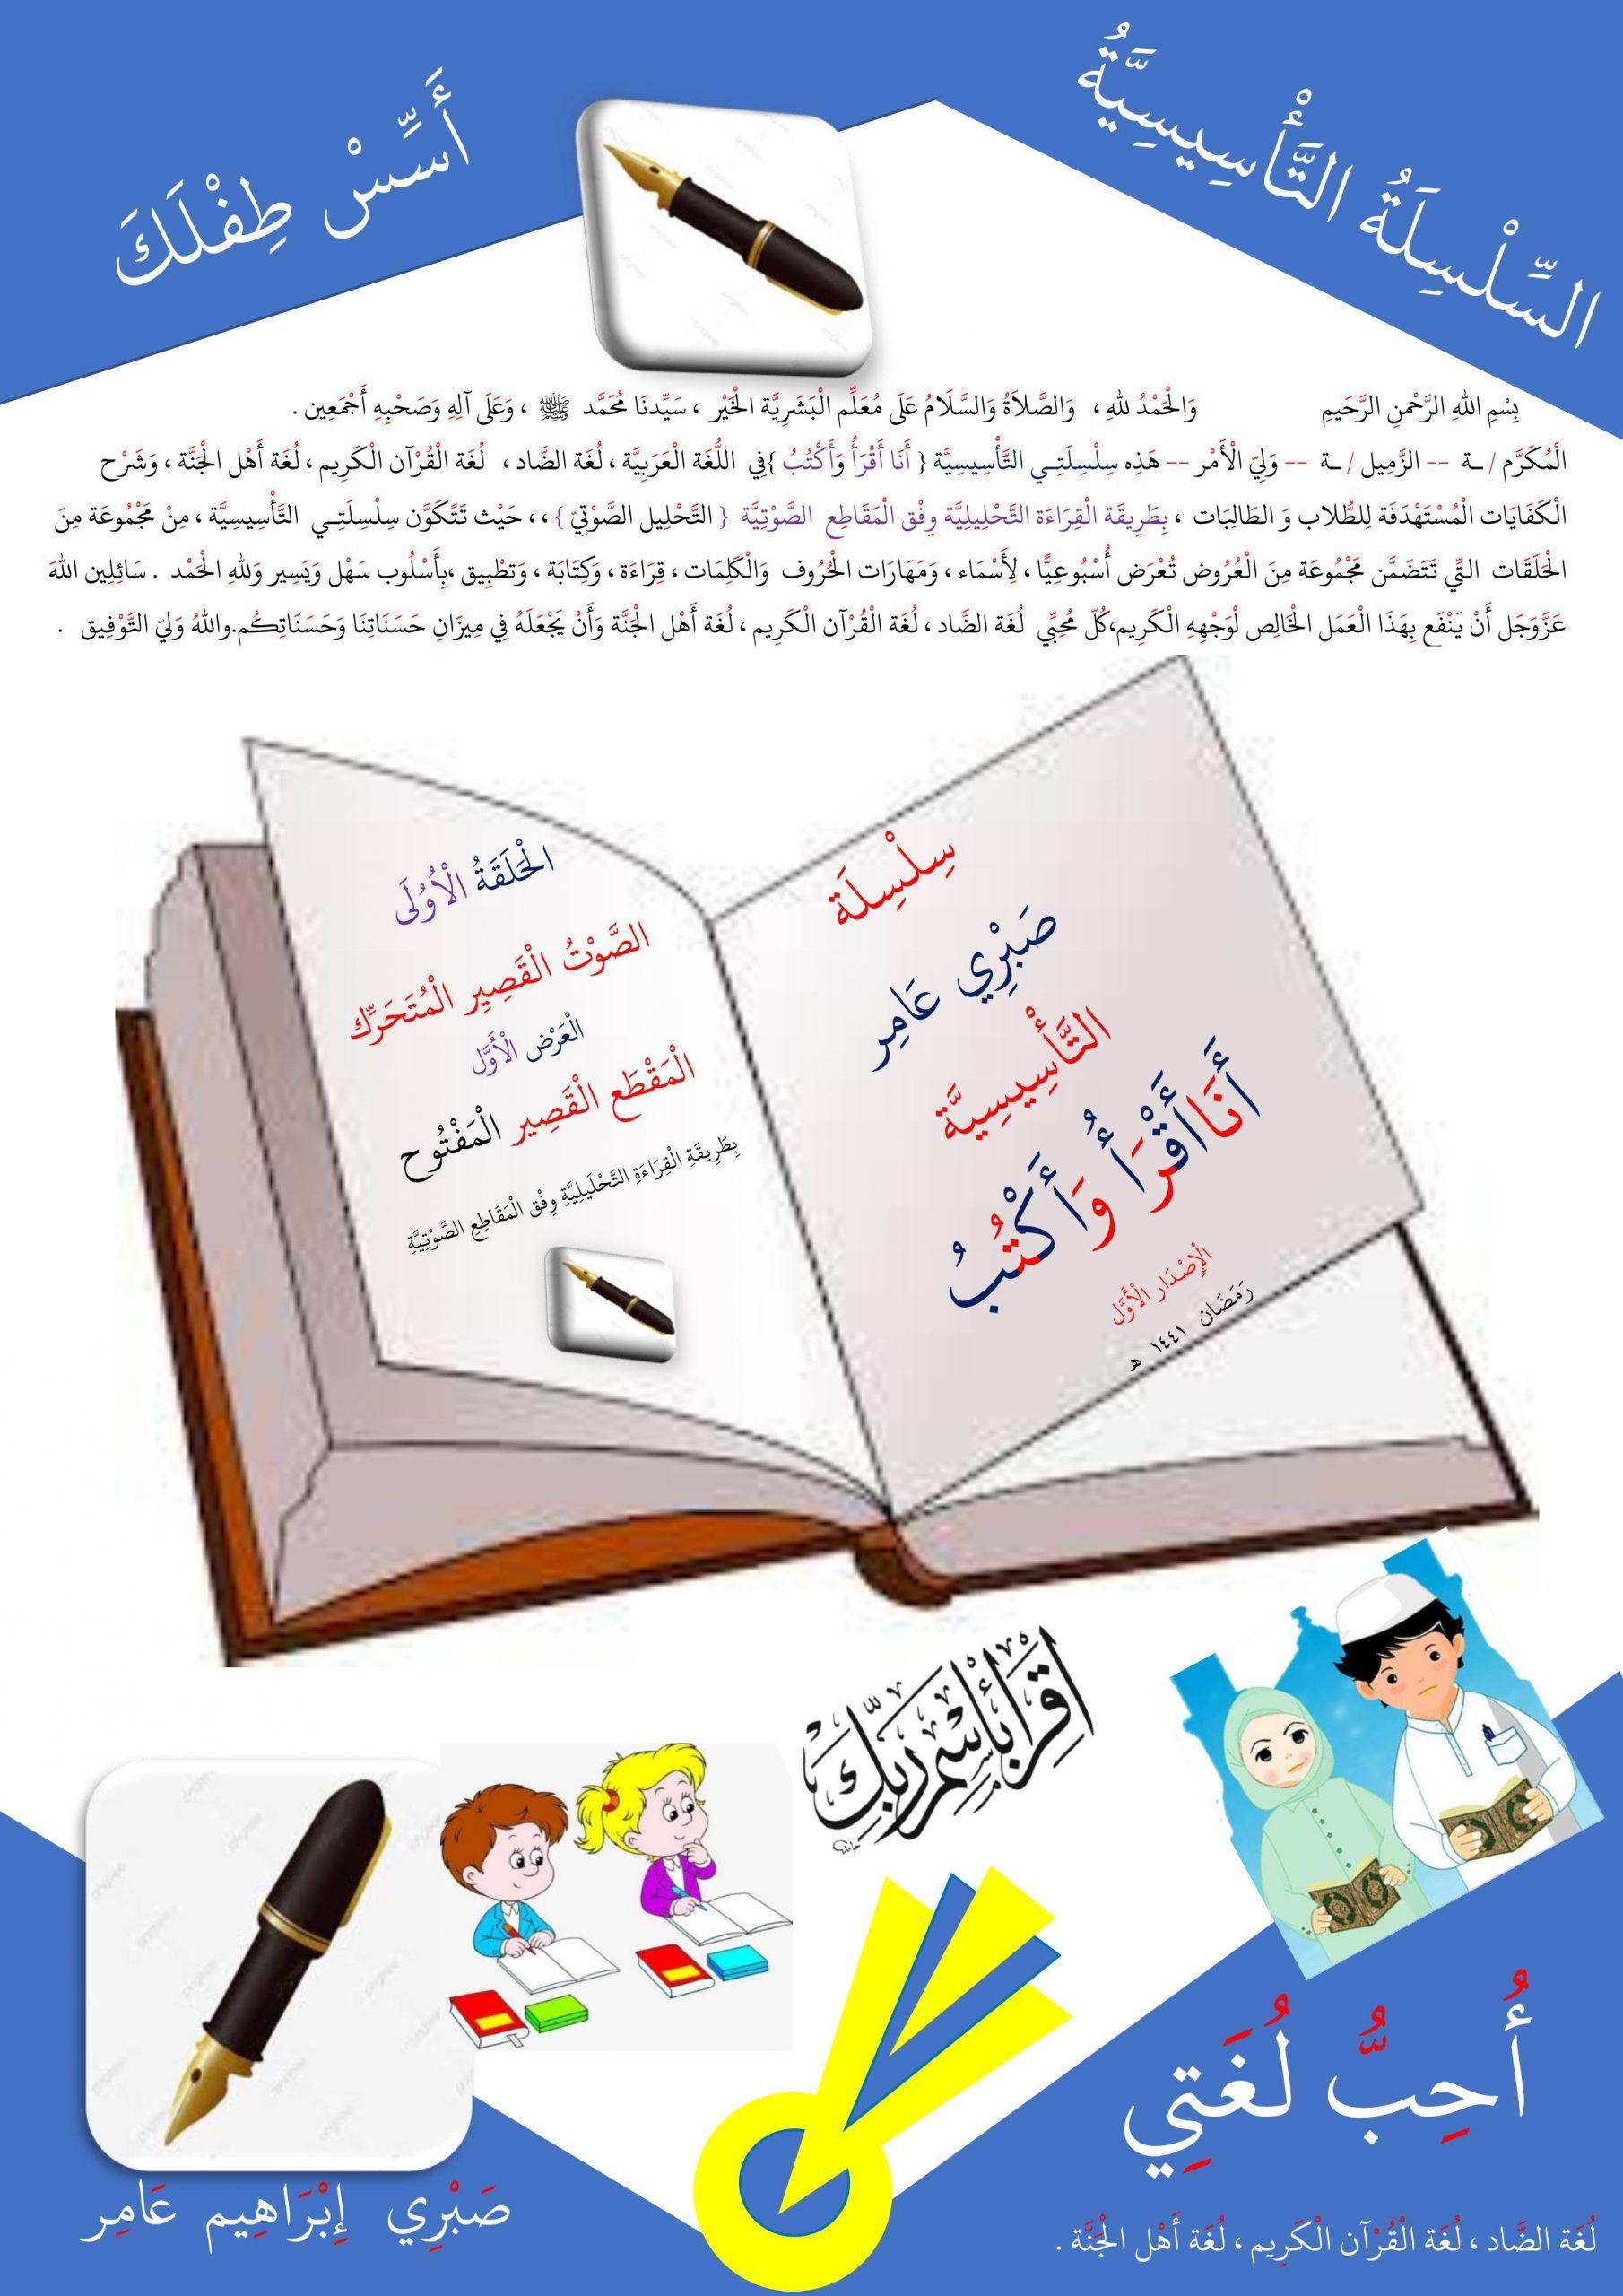 السلسلة التأسيسية اسس طفلك الصوت القصير المتحرك للصف الاول مادة اللغة العربية Cards Notebook